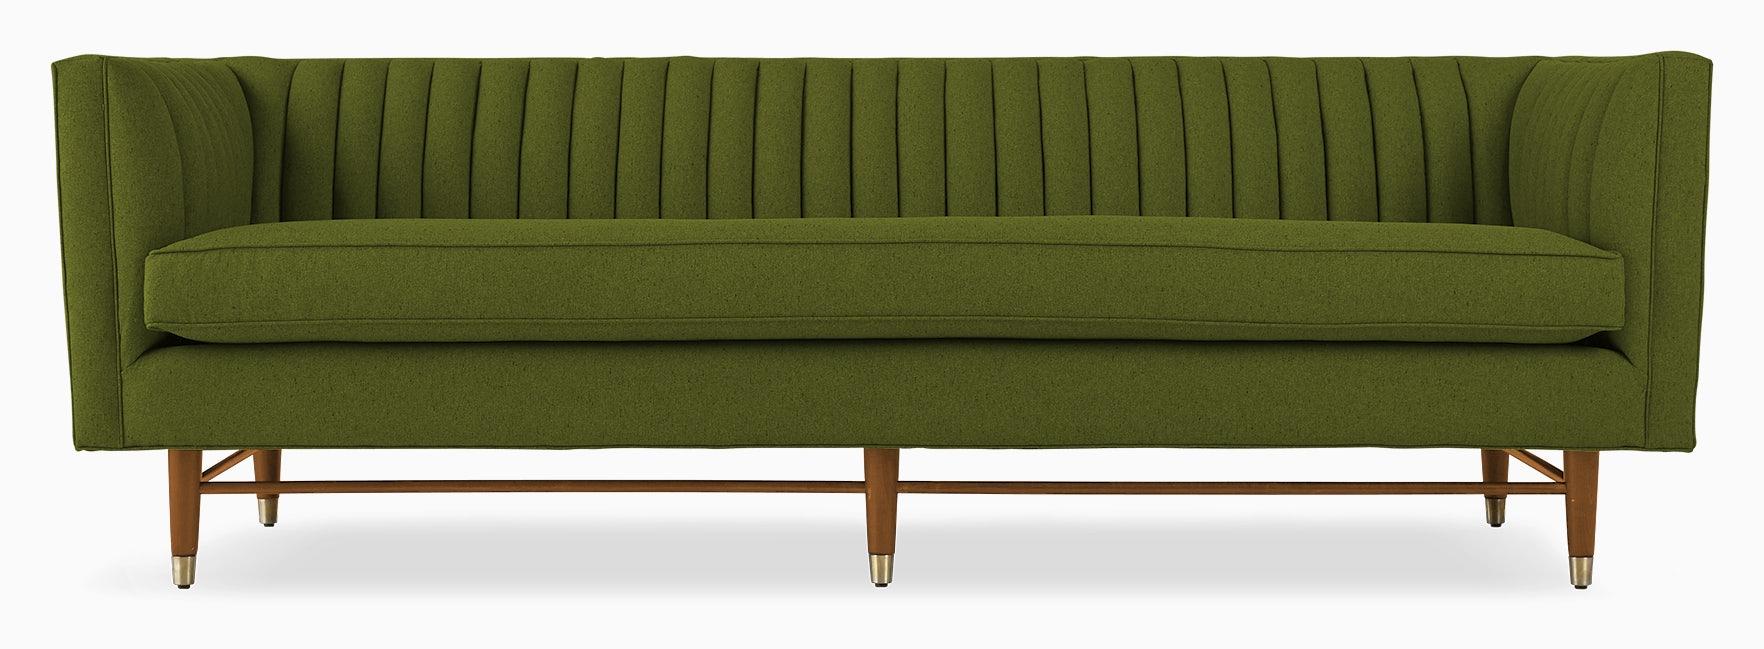 chelsea sofa royale apple